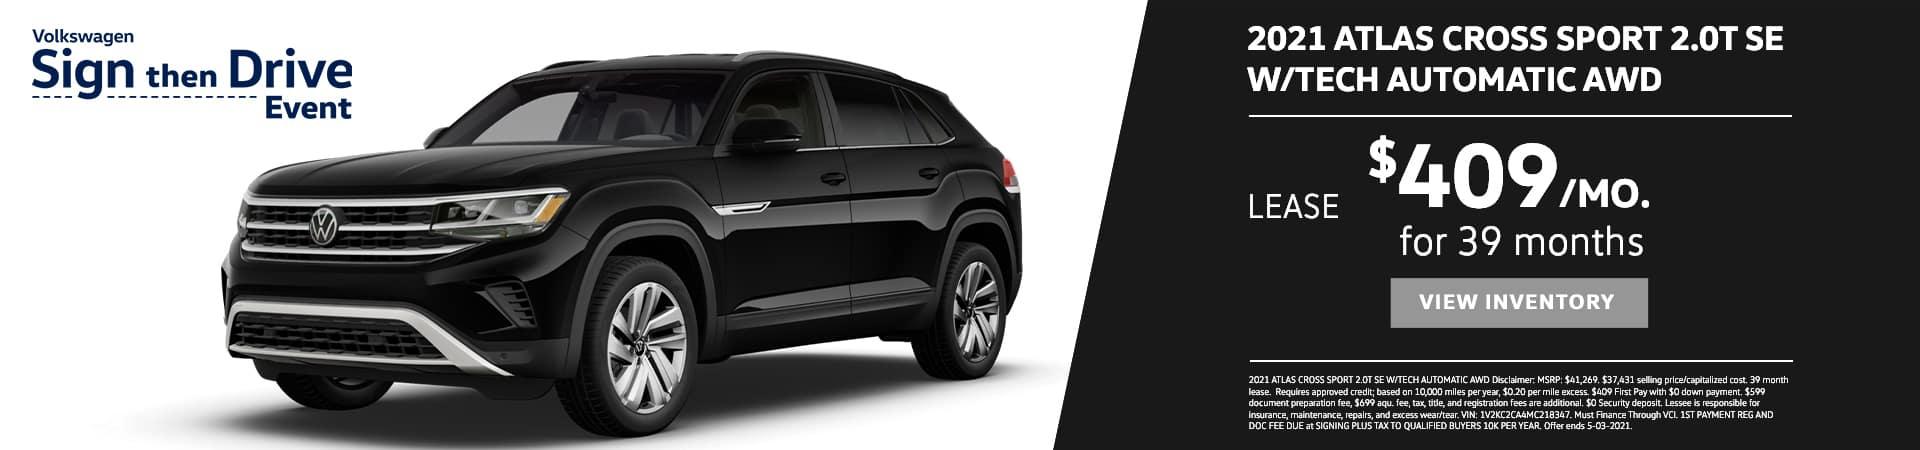 EAG_VW_2021 ATLAS CROSS SPORT 2.0T SE W_TECH AUTOMATIC AWD